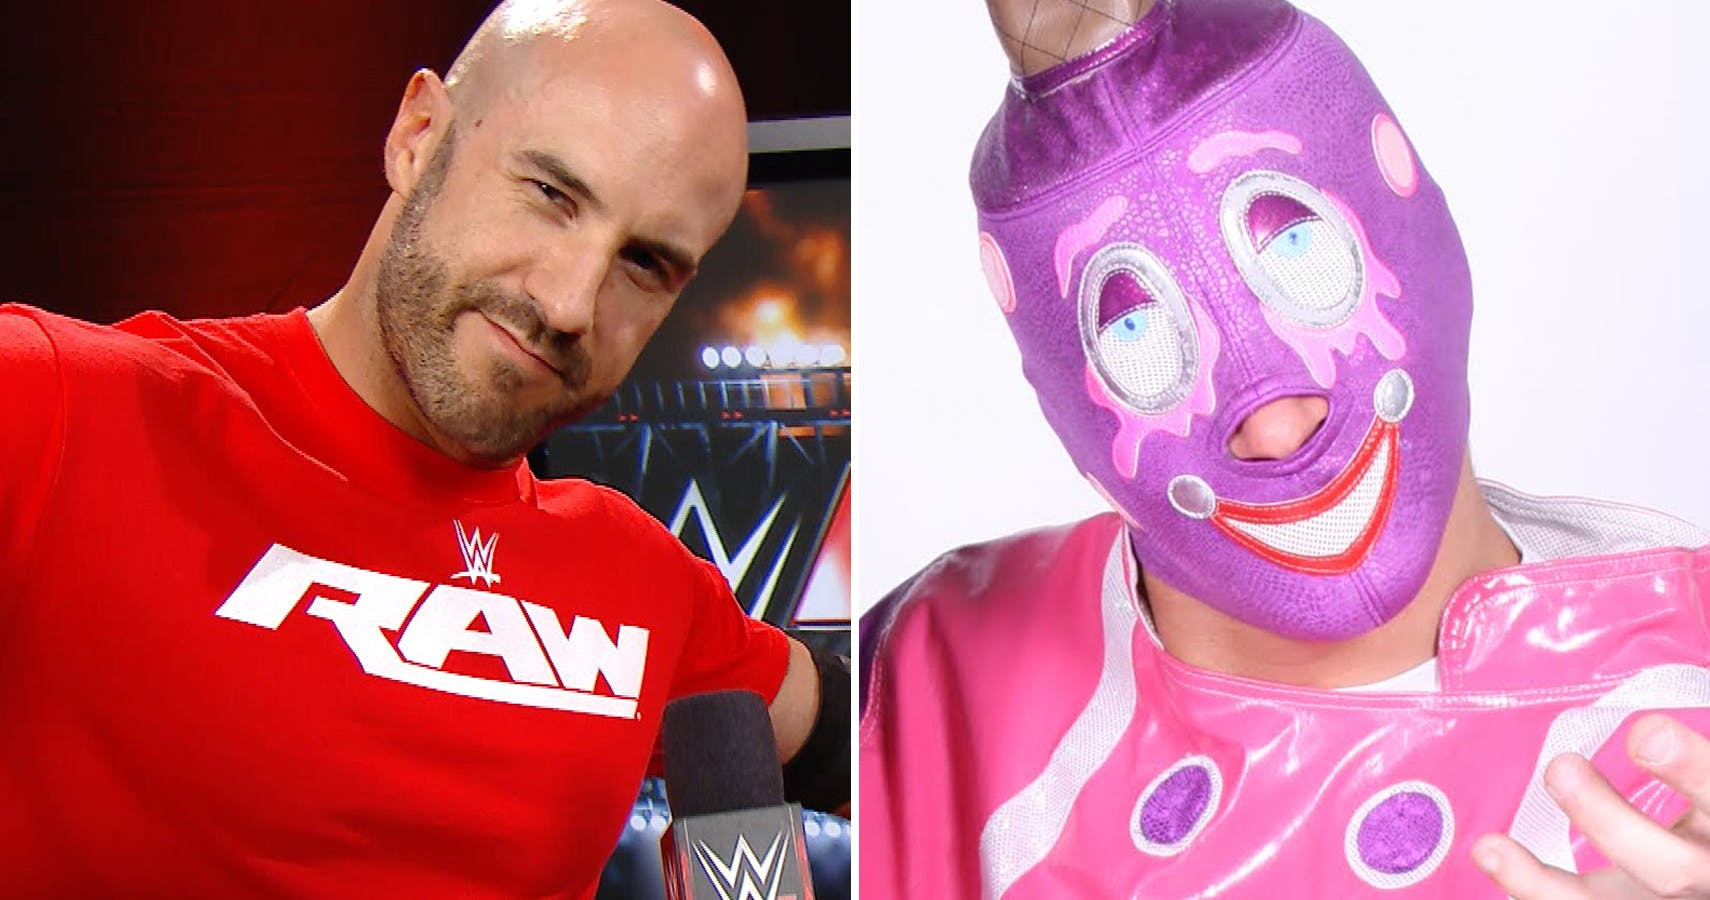 WWE से पहले कुछ ऐसे दिखते थे आपके ये पसंदीदा रैसलर, नाम सुनकर हँसते-हँसते हो जायेंगे लोटपोट 6